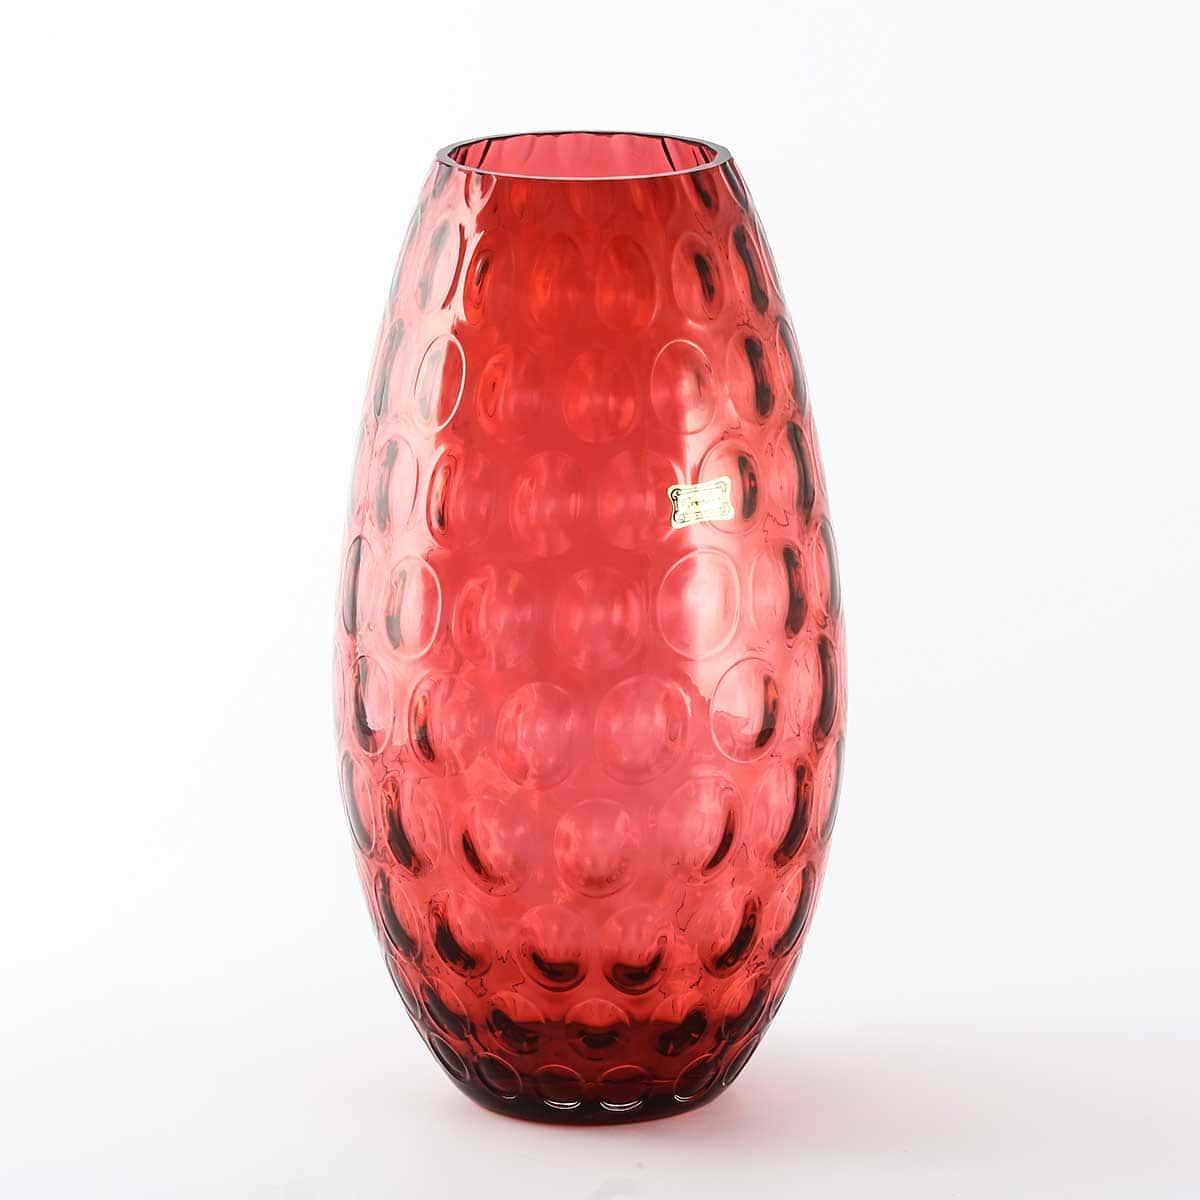 Ваза для цветов 30 см Egermann рубин